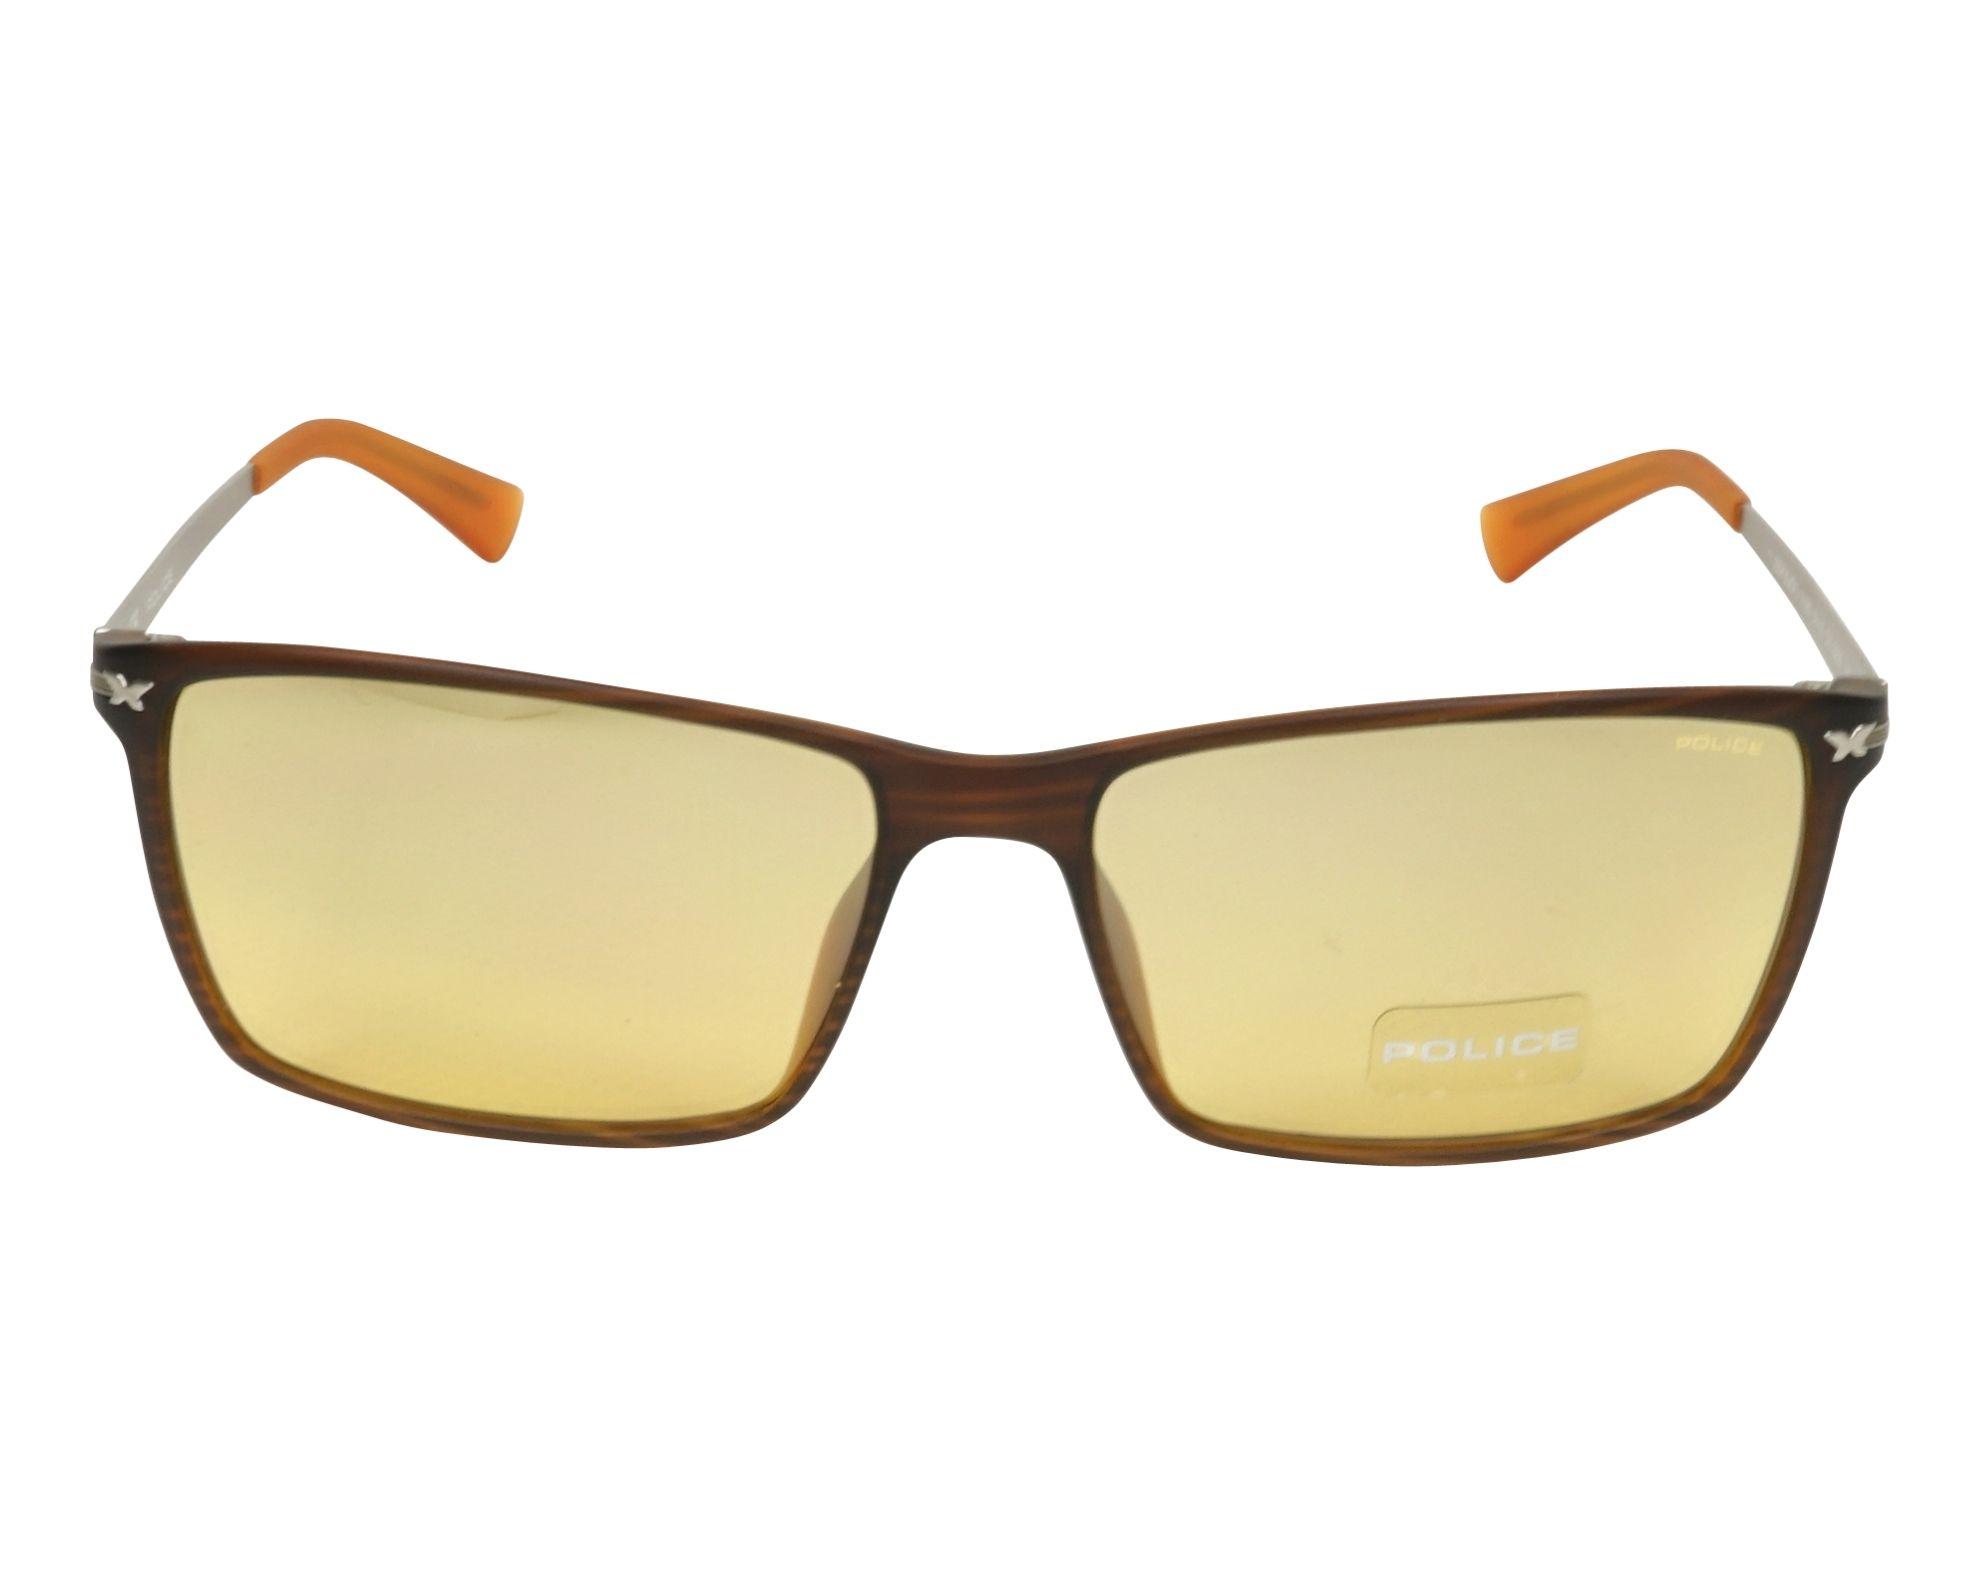 Lunettes de soleil police s 1957 d83m marron avec des verres marron - Verre lunette raye assurance ...